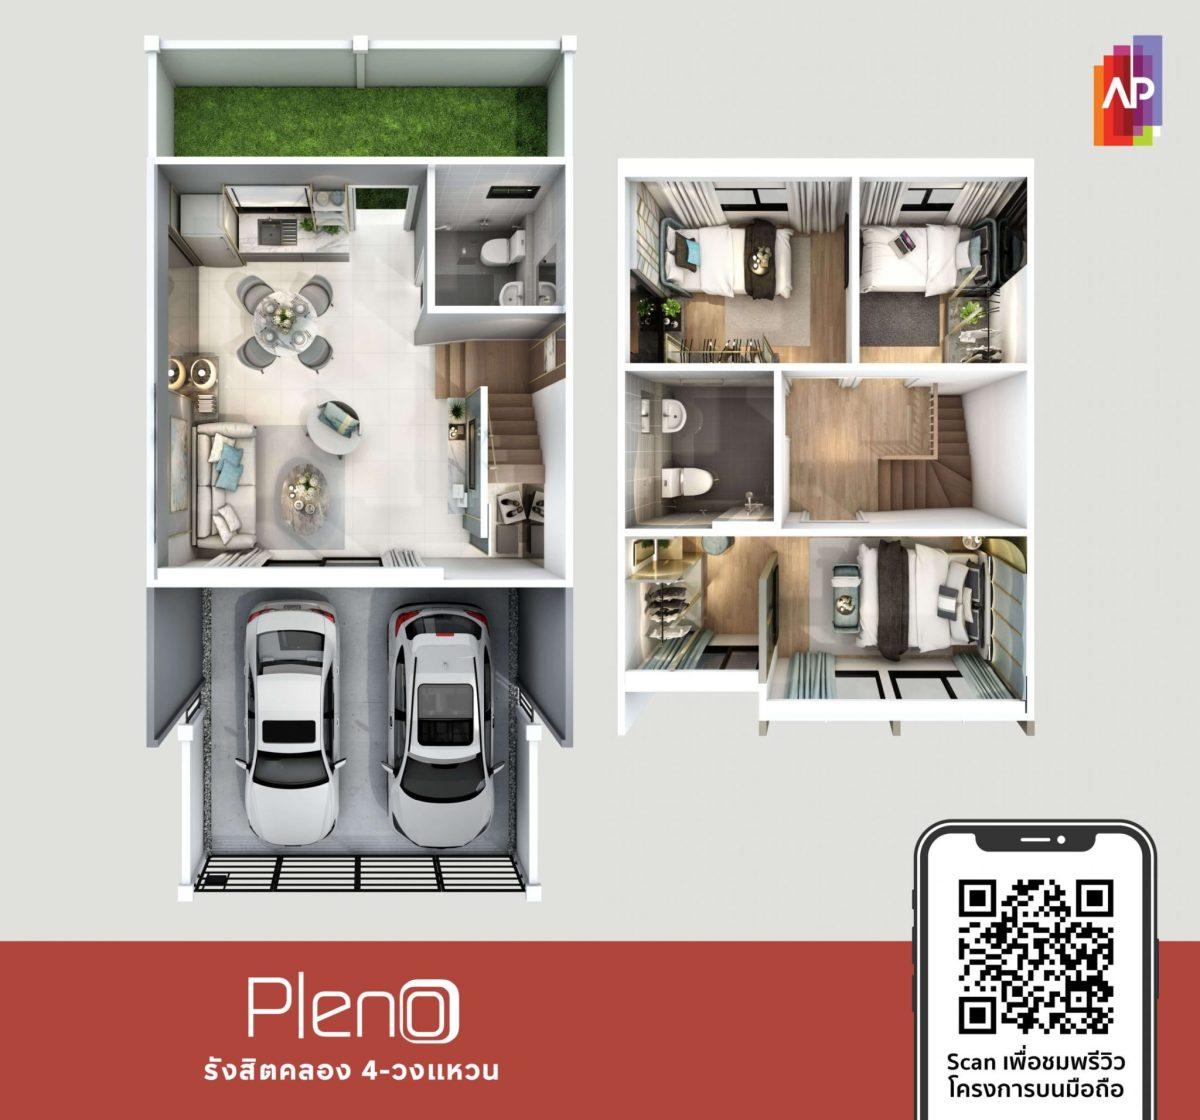 ชม Pleno รังสิตคลอง4-วงแหวน ทาวน์โฮมส่วนกลางหรูกว่าบ้านเดี่ยว เริ่ม 1.69 ล้าน 25 - AP (Thailand) - เอพี (ไทยแลนด์)